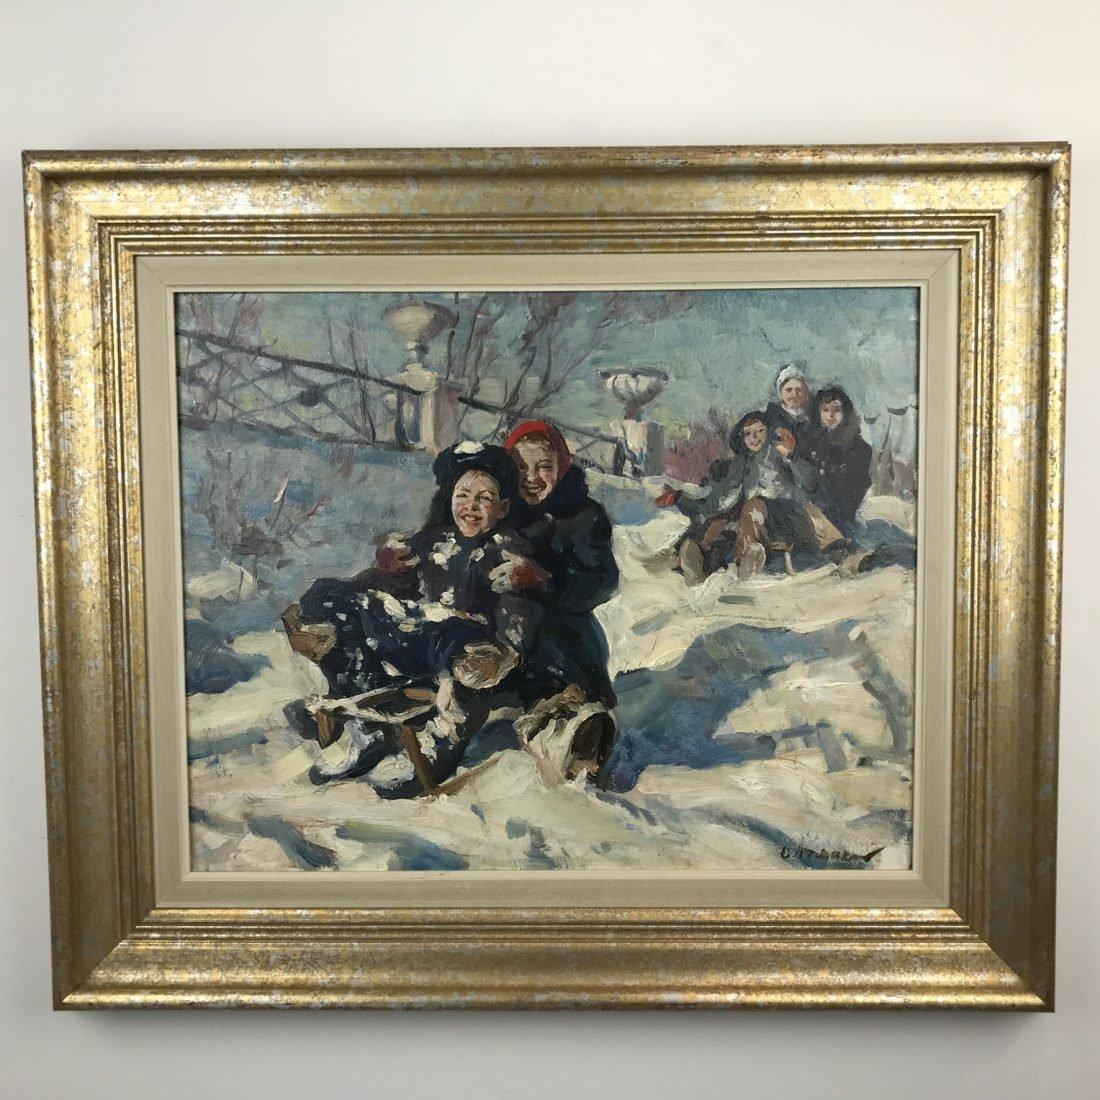 Kinderen op de slee, olieverf op doek, 20e eeuw, Russisch